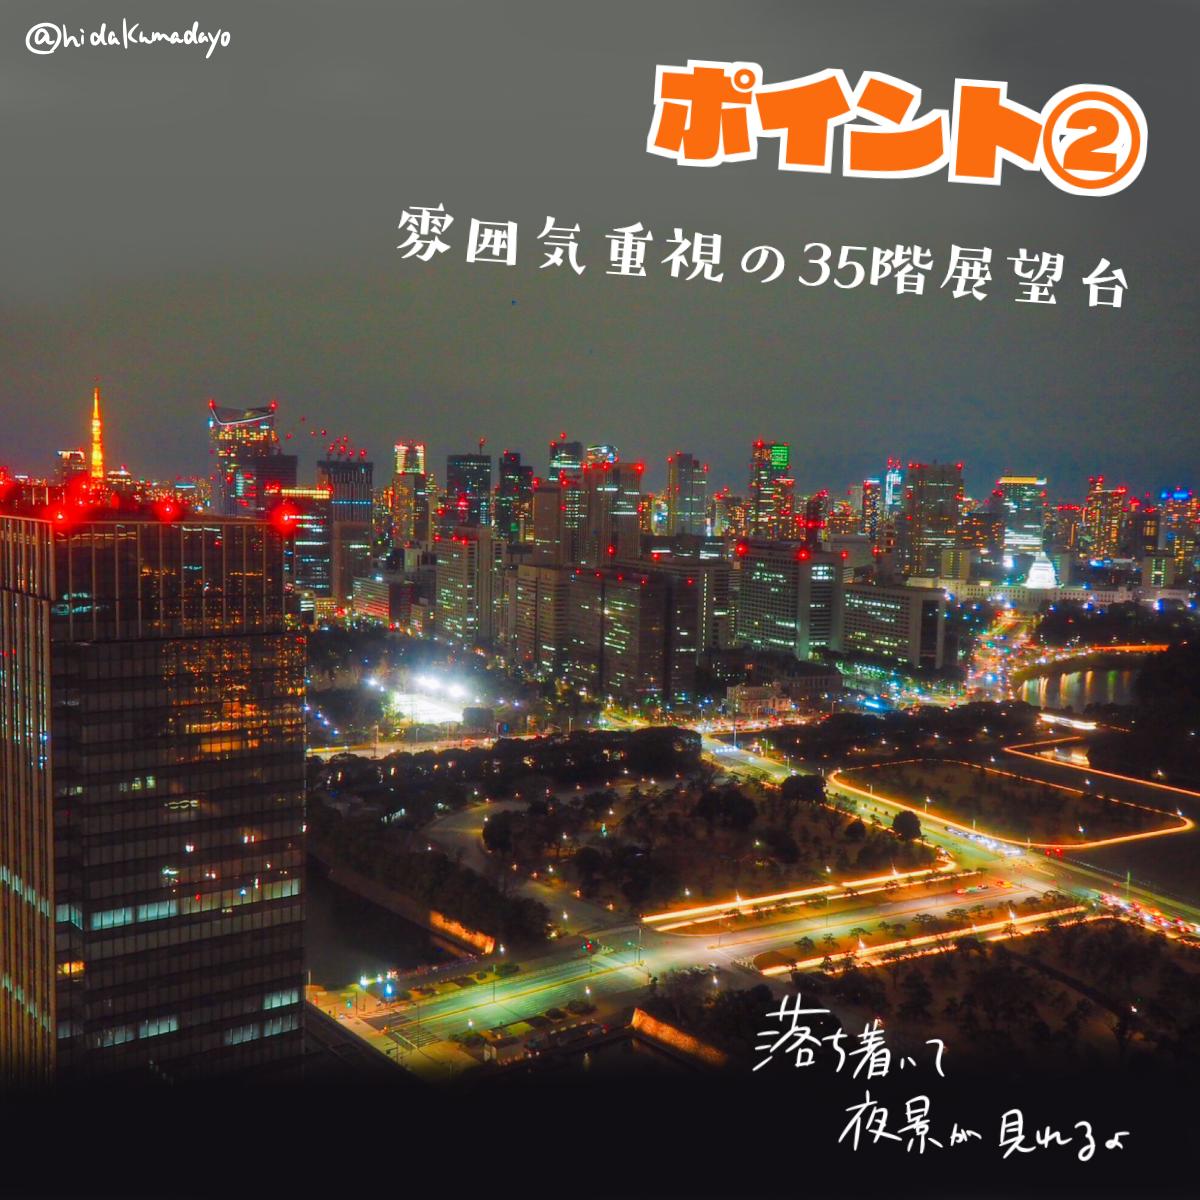 f:id:hidakumadayo:20190318220511p:plain